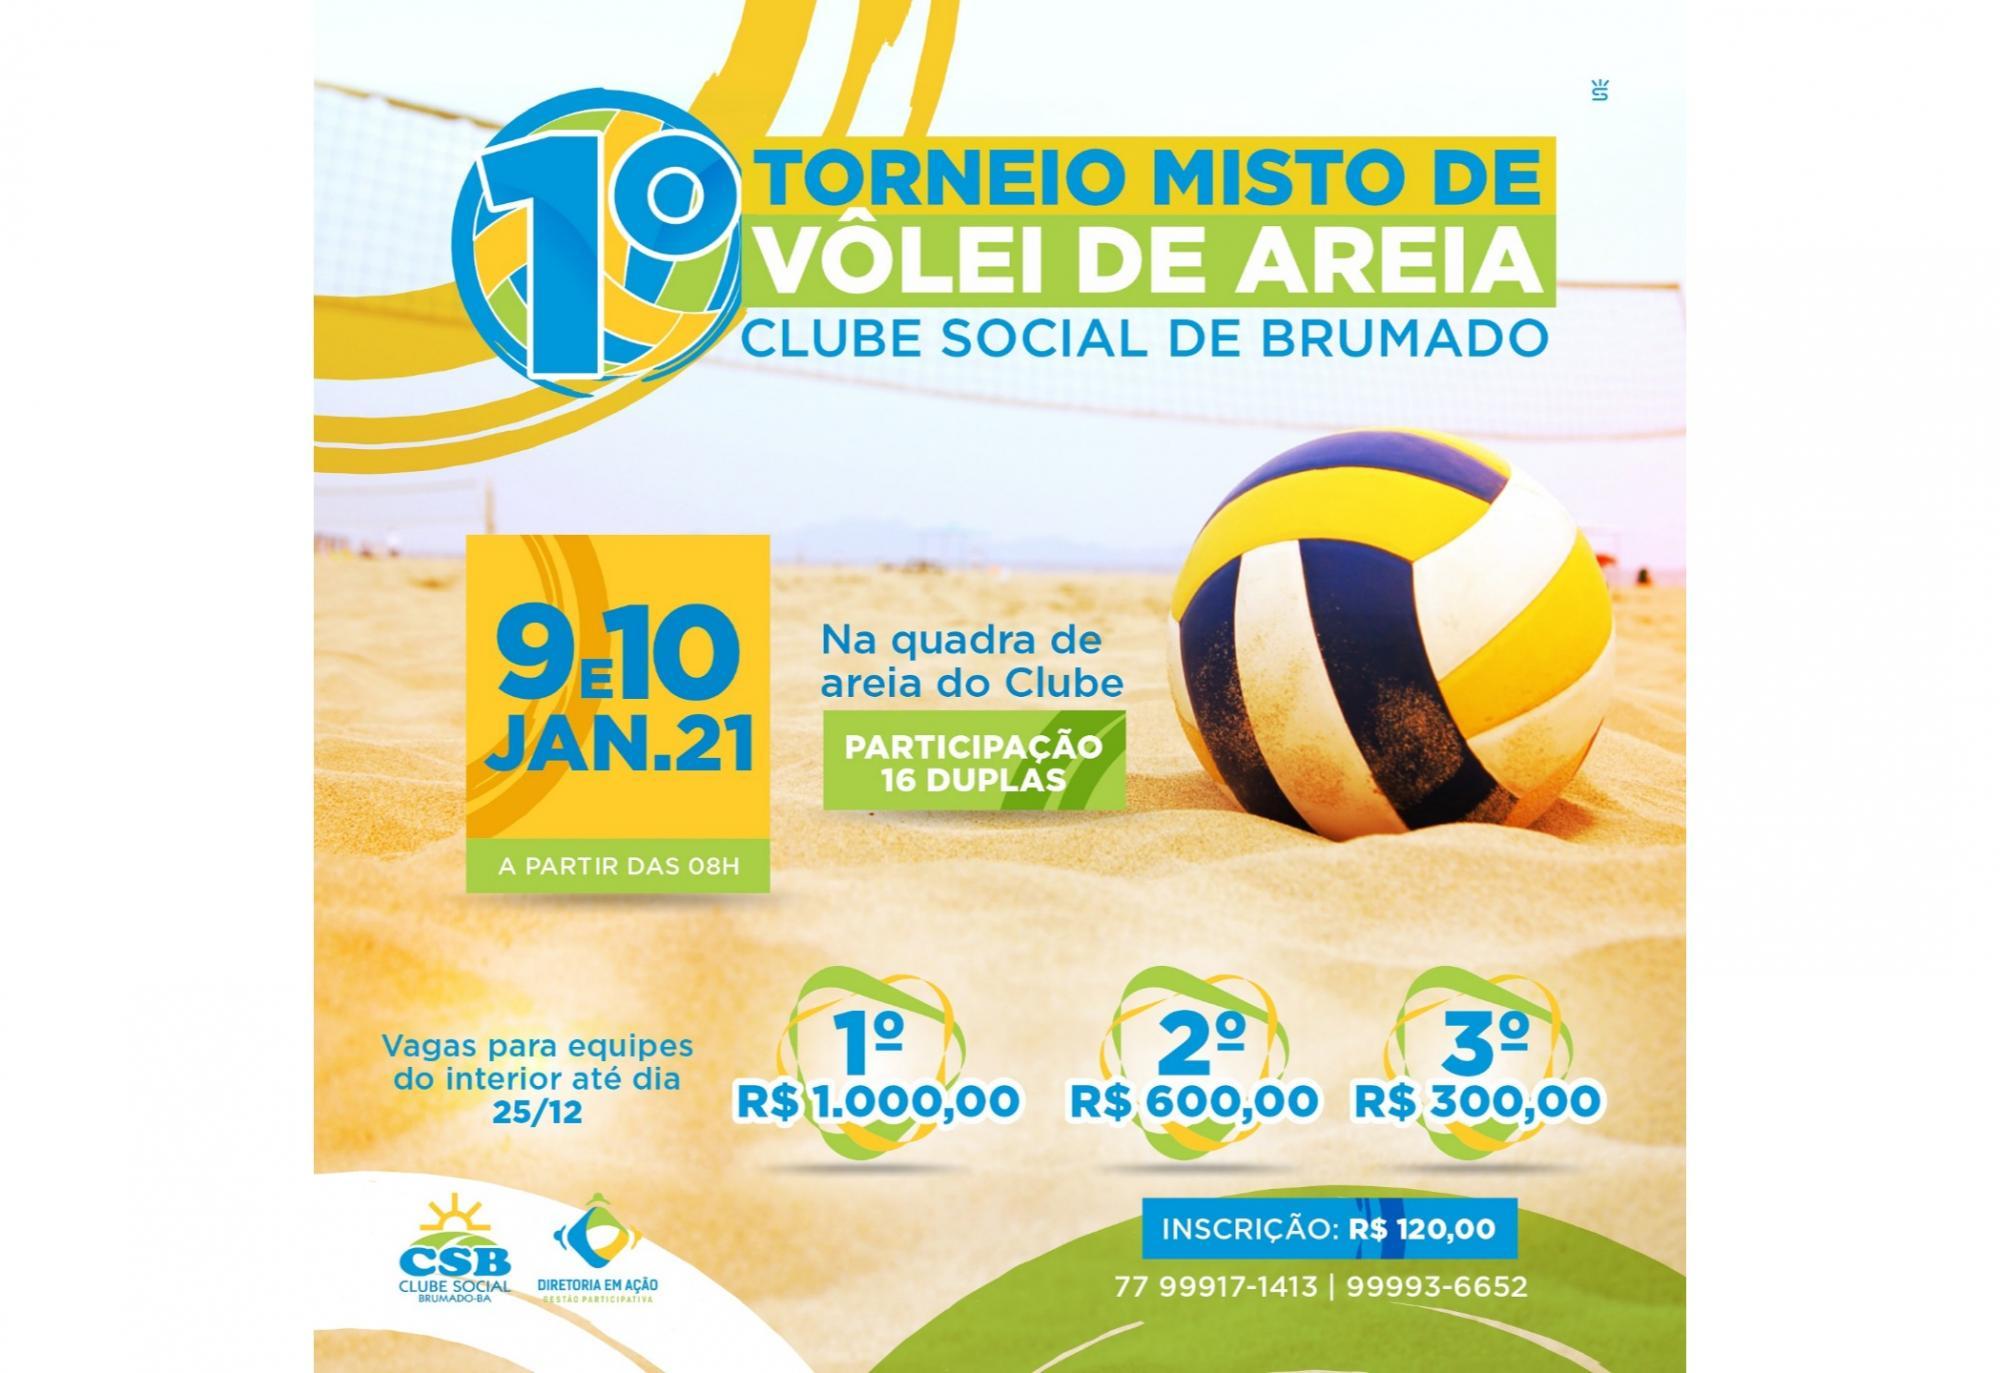 Clube Social de Brumado realizará torneio misto de vôlei de areia